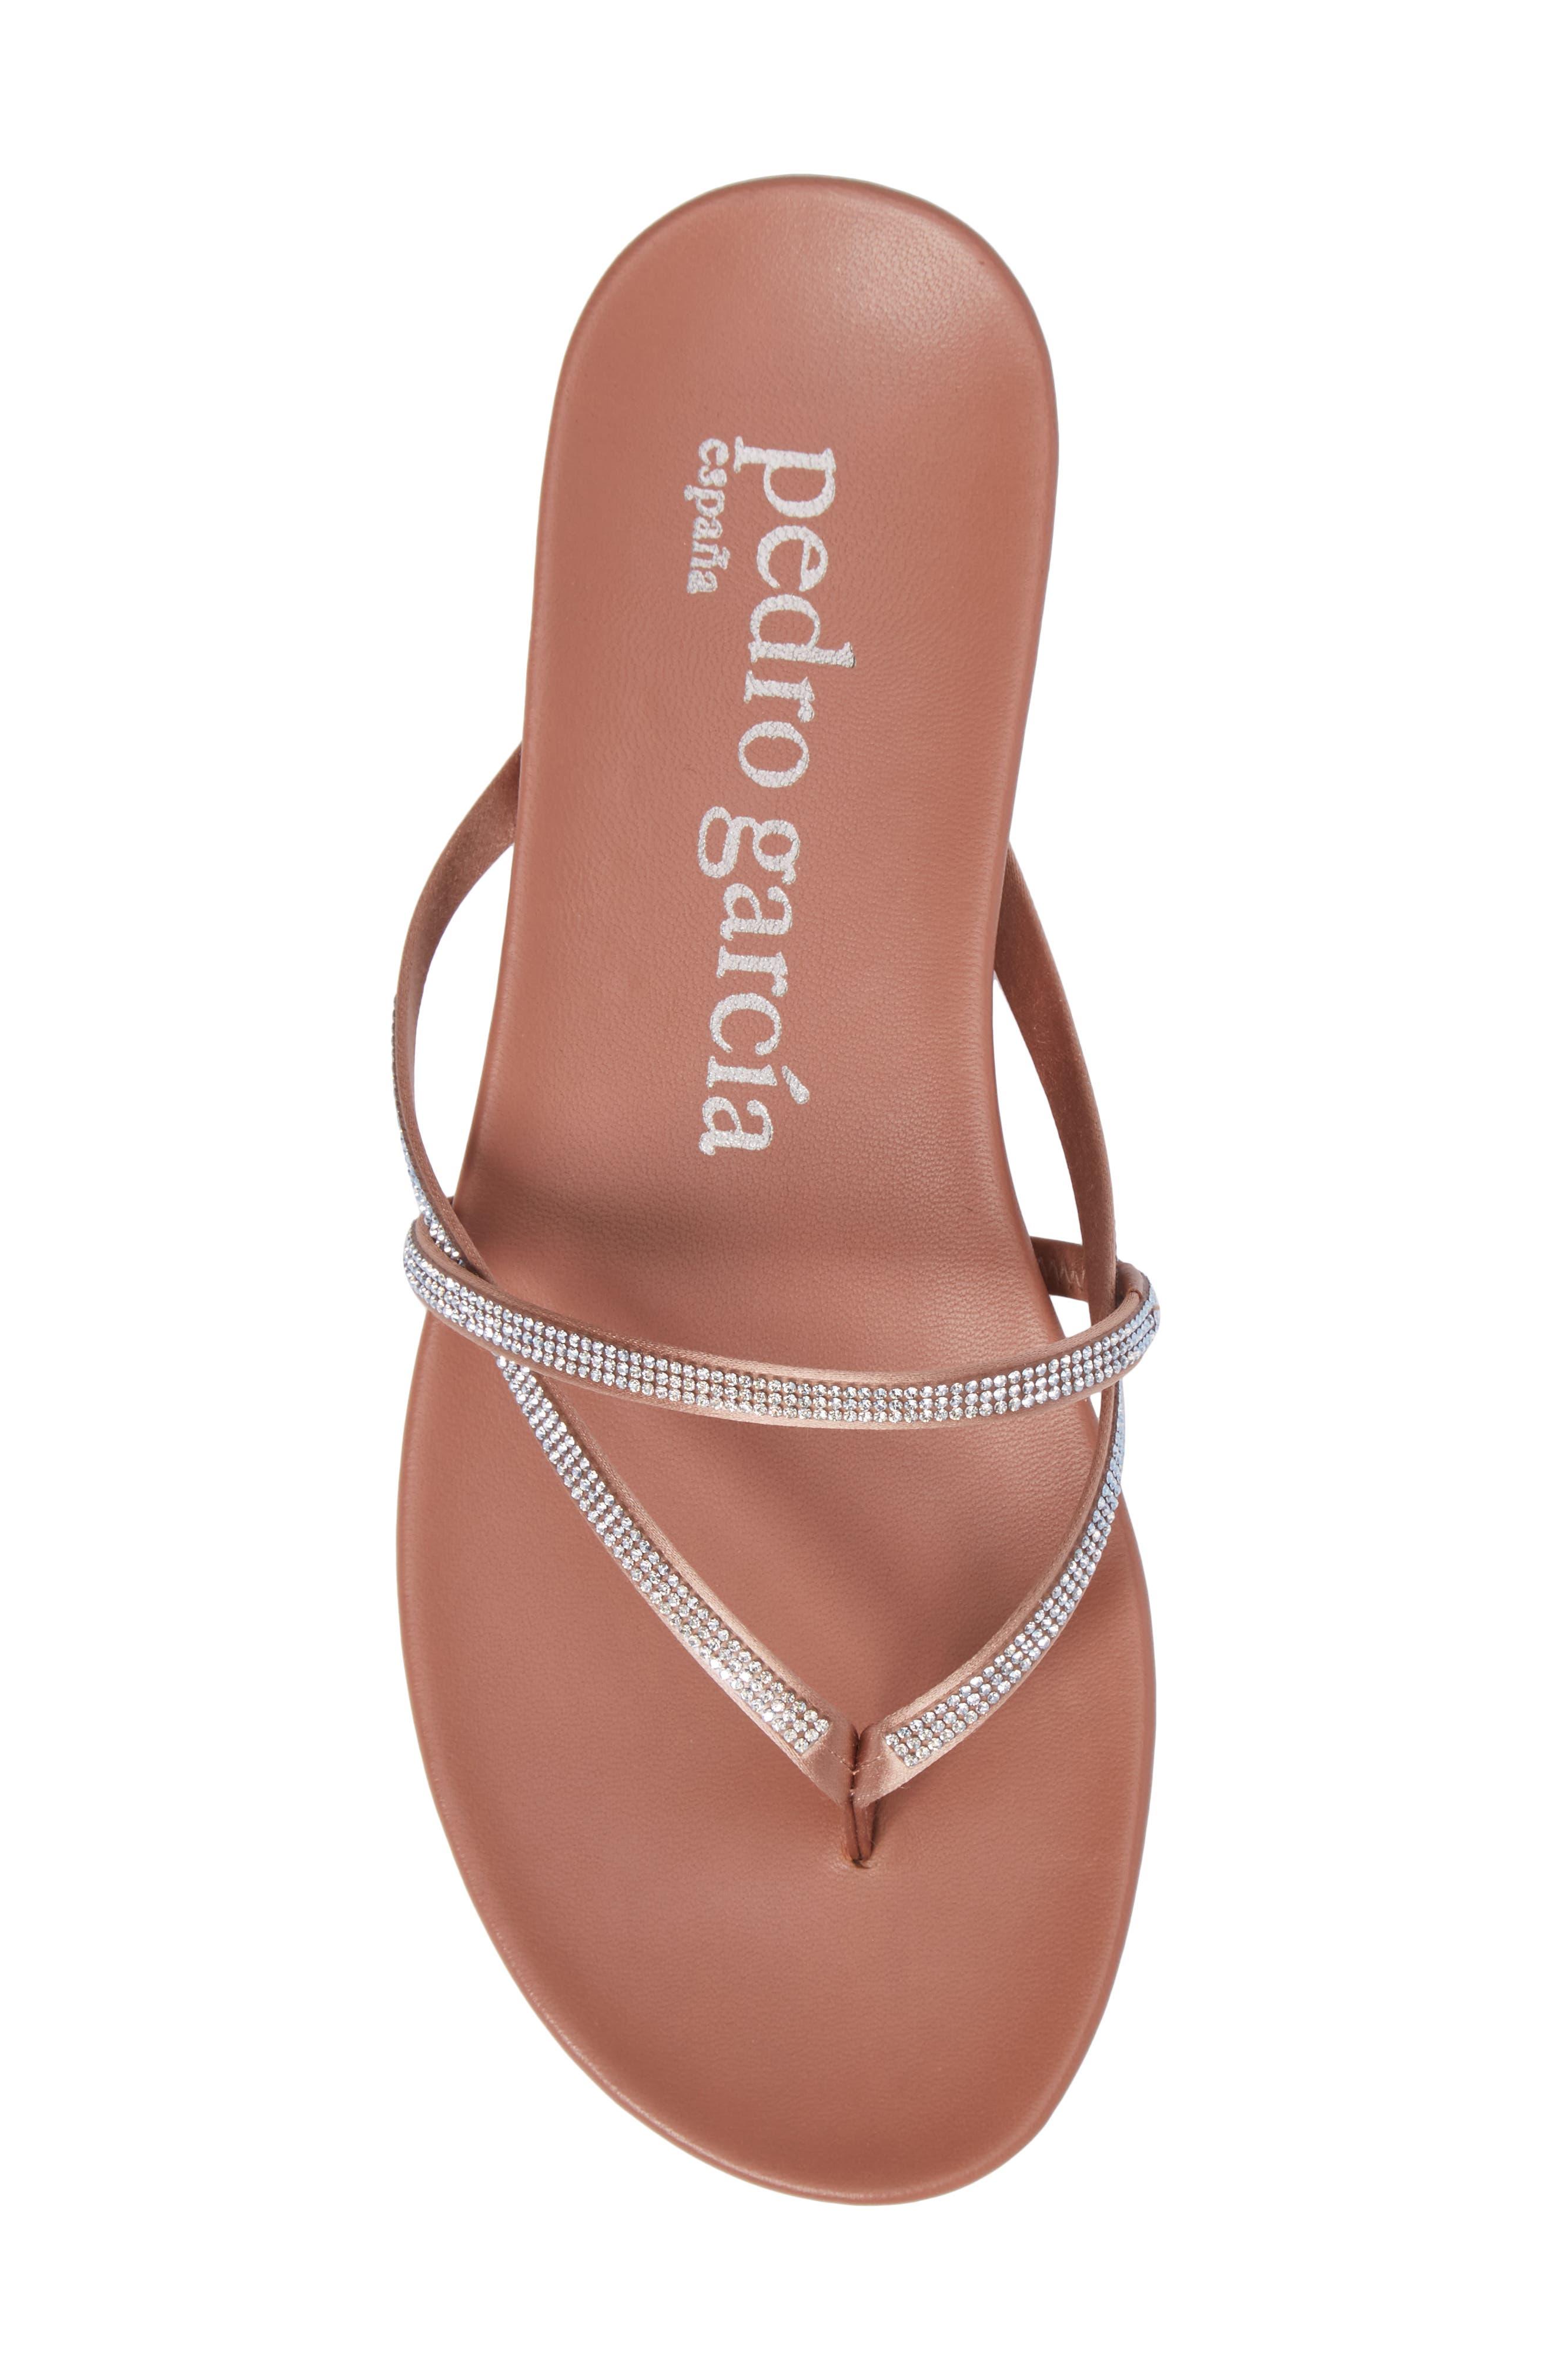 Giulia Crystal Embellished Sandal,                             Alternate thumbnail 5, color,                             Bisque Satin